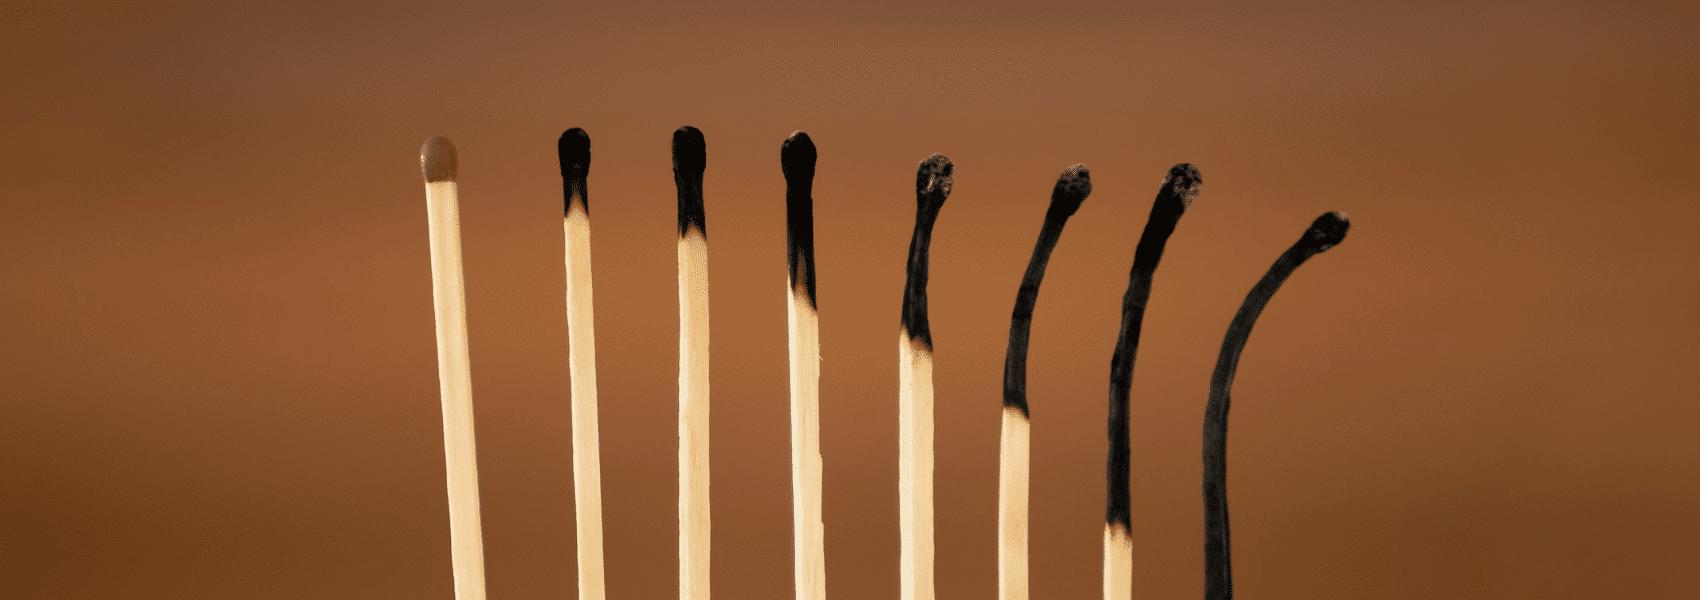 sypmtomen van een burnout en herstelplan